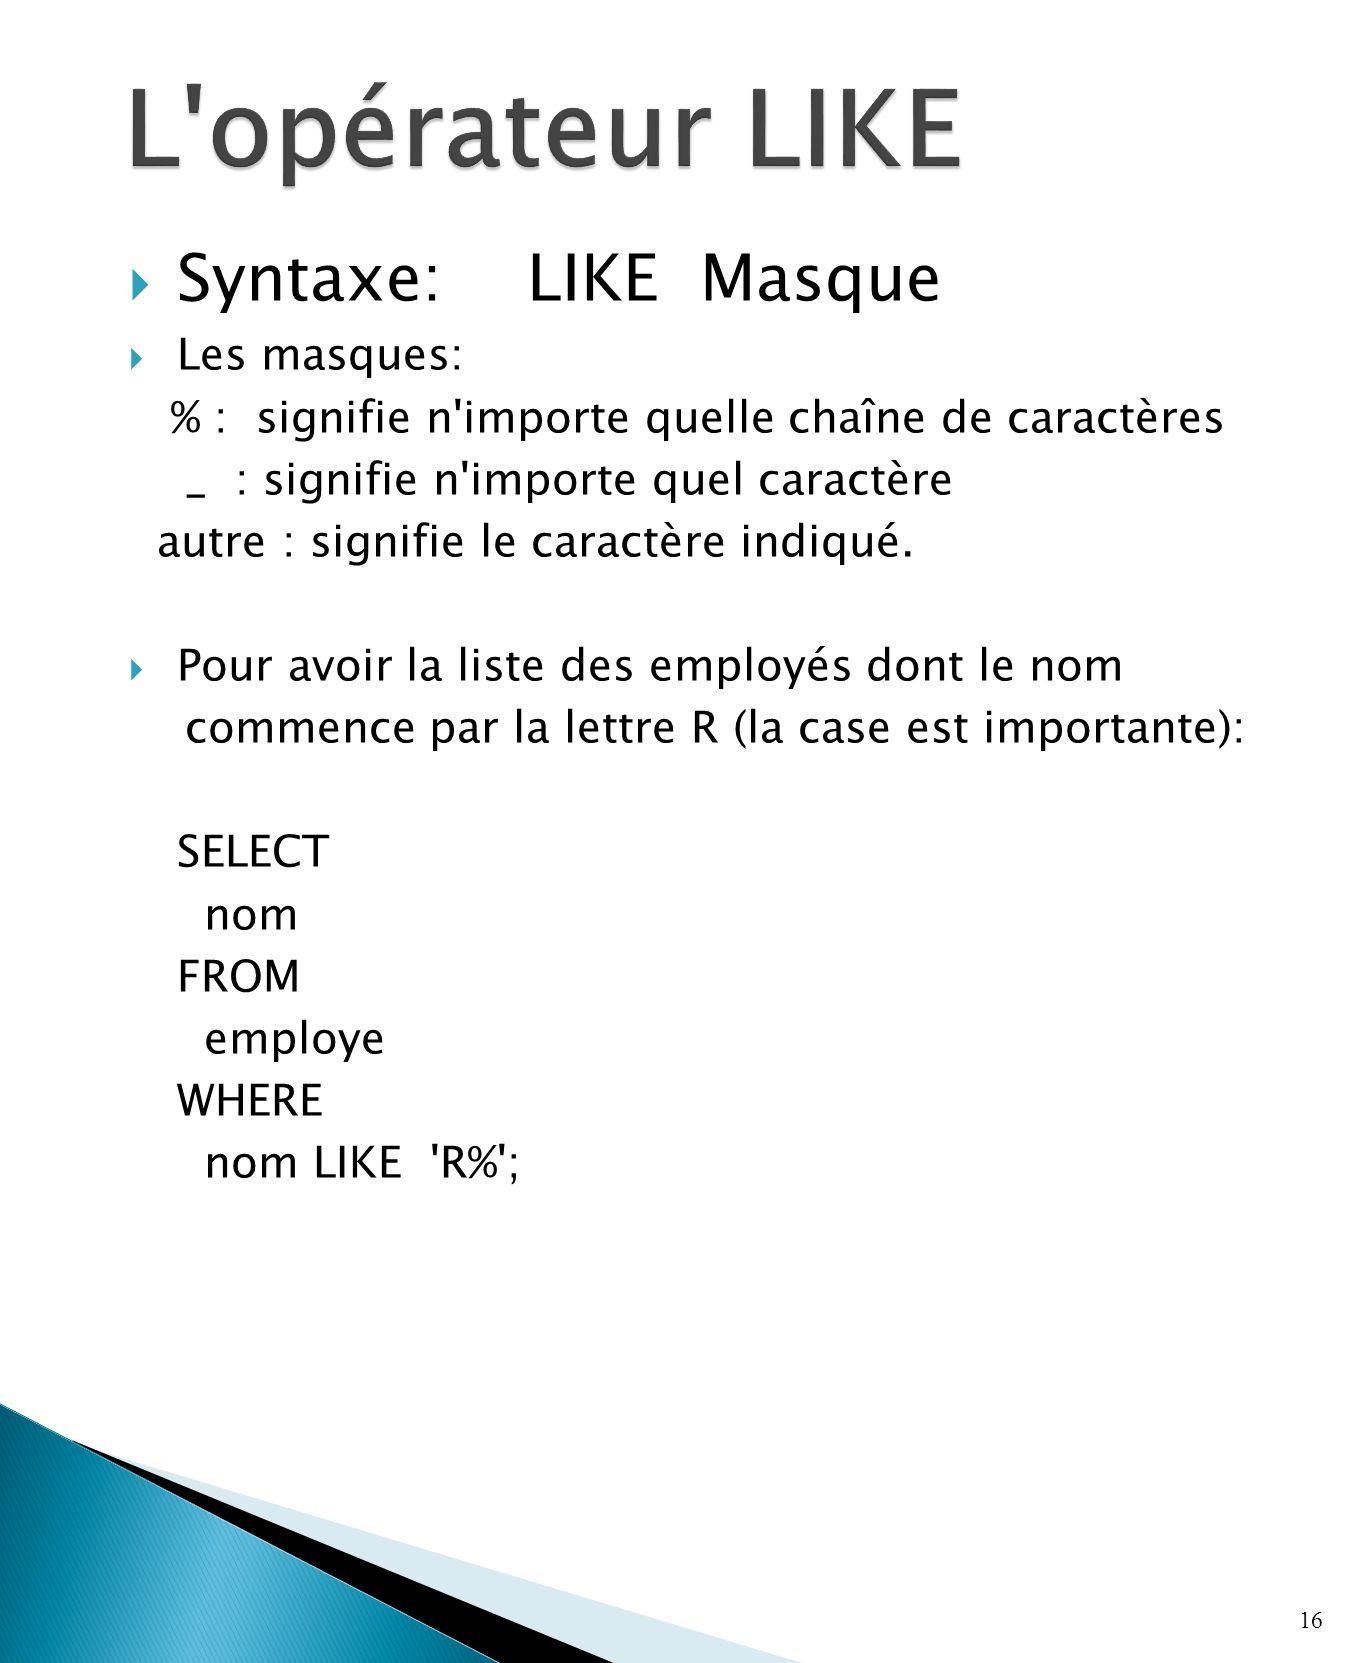 Syntaxe: LIKE Masque Les masques: % : signifie n importe quelle chaîne de caractères _ : signifie n importe quel caractère autre : signifie le caractère indiqué.